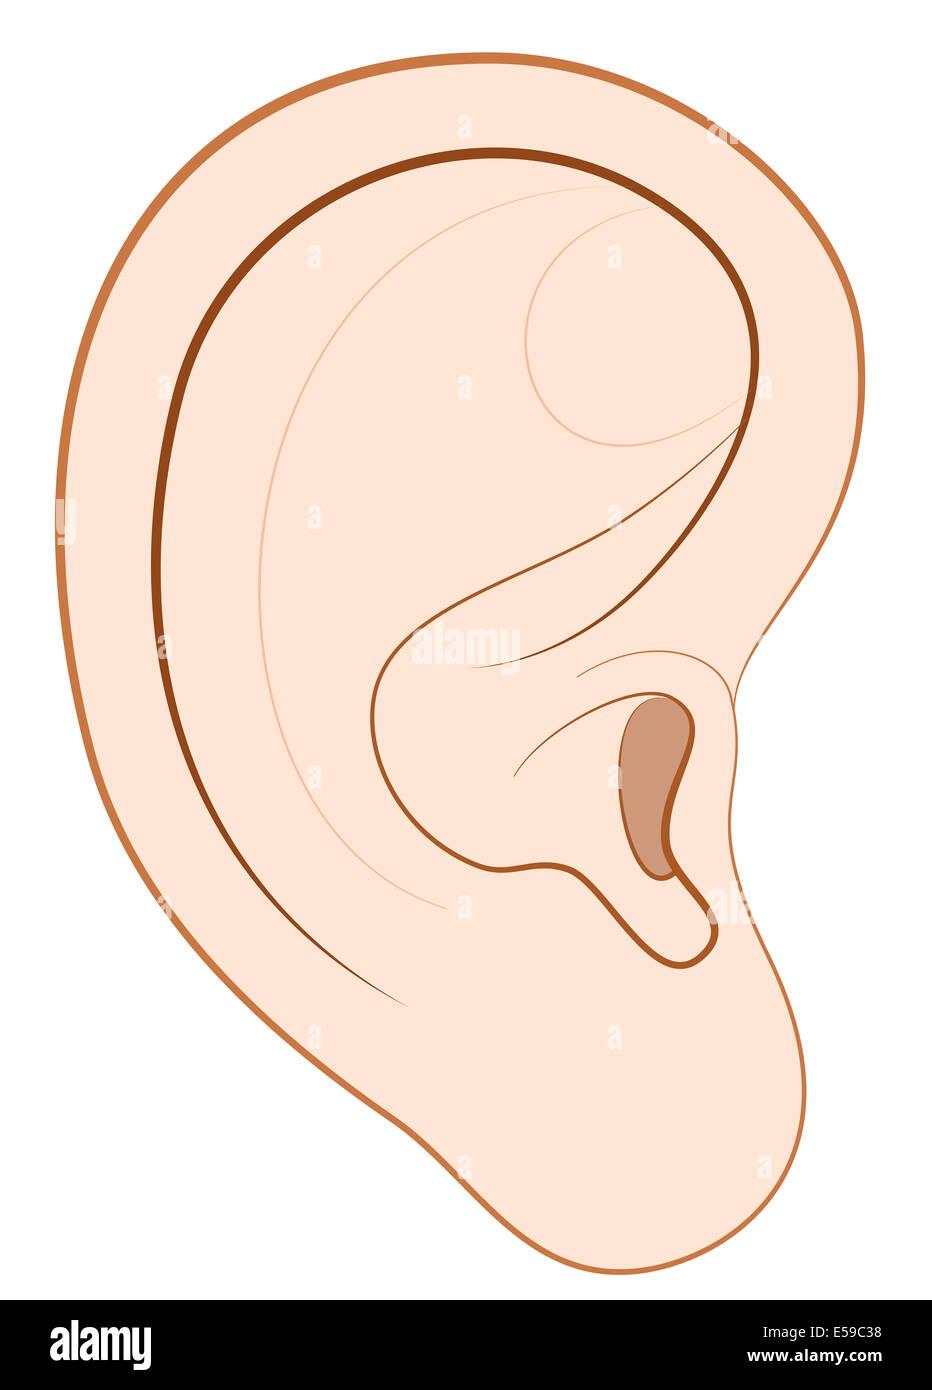 medium resolution of illustration of a human right ear